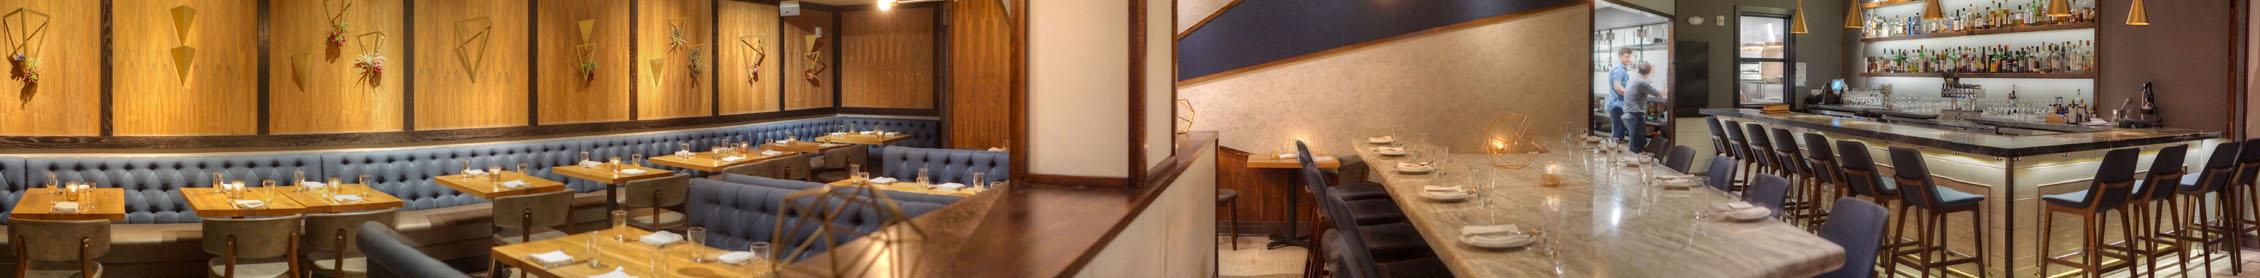 Kyirisan Interior